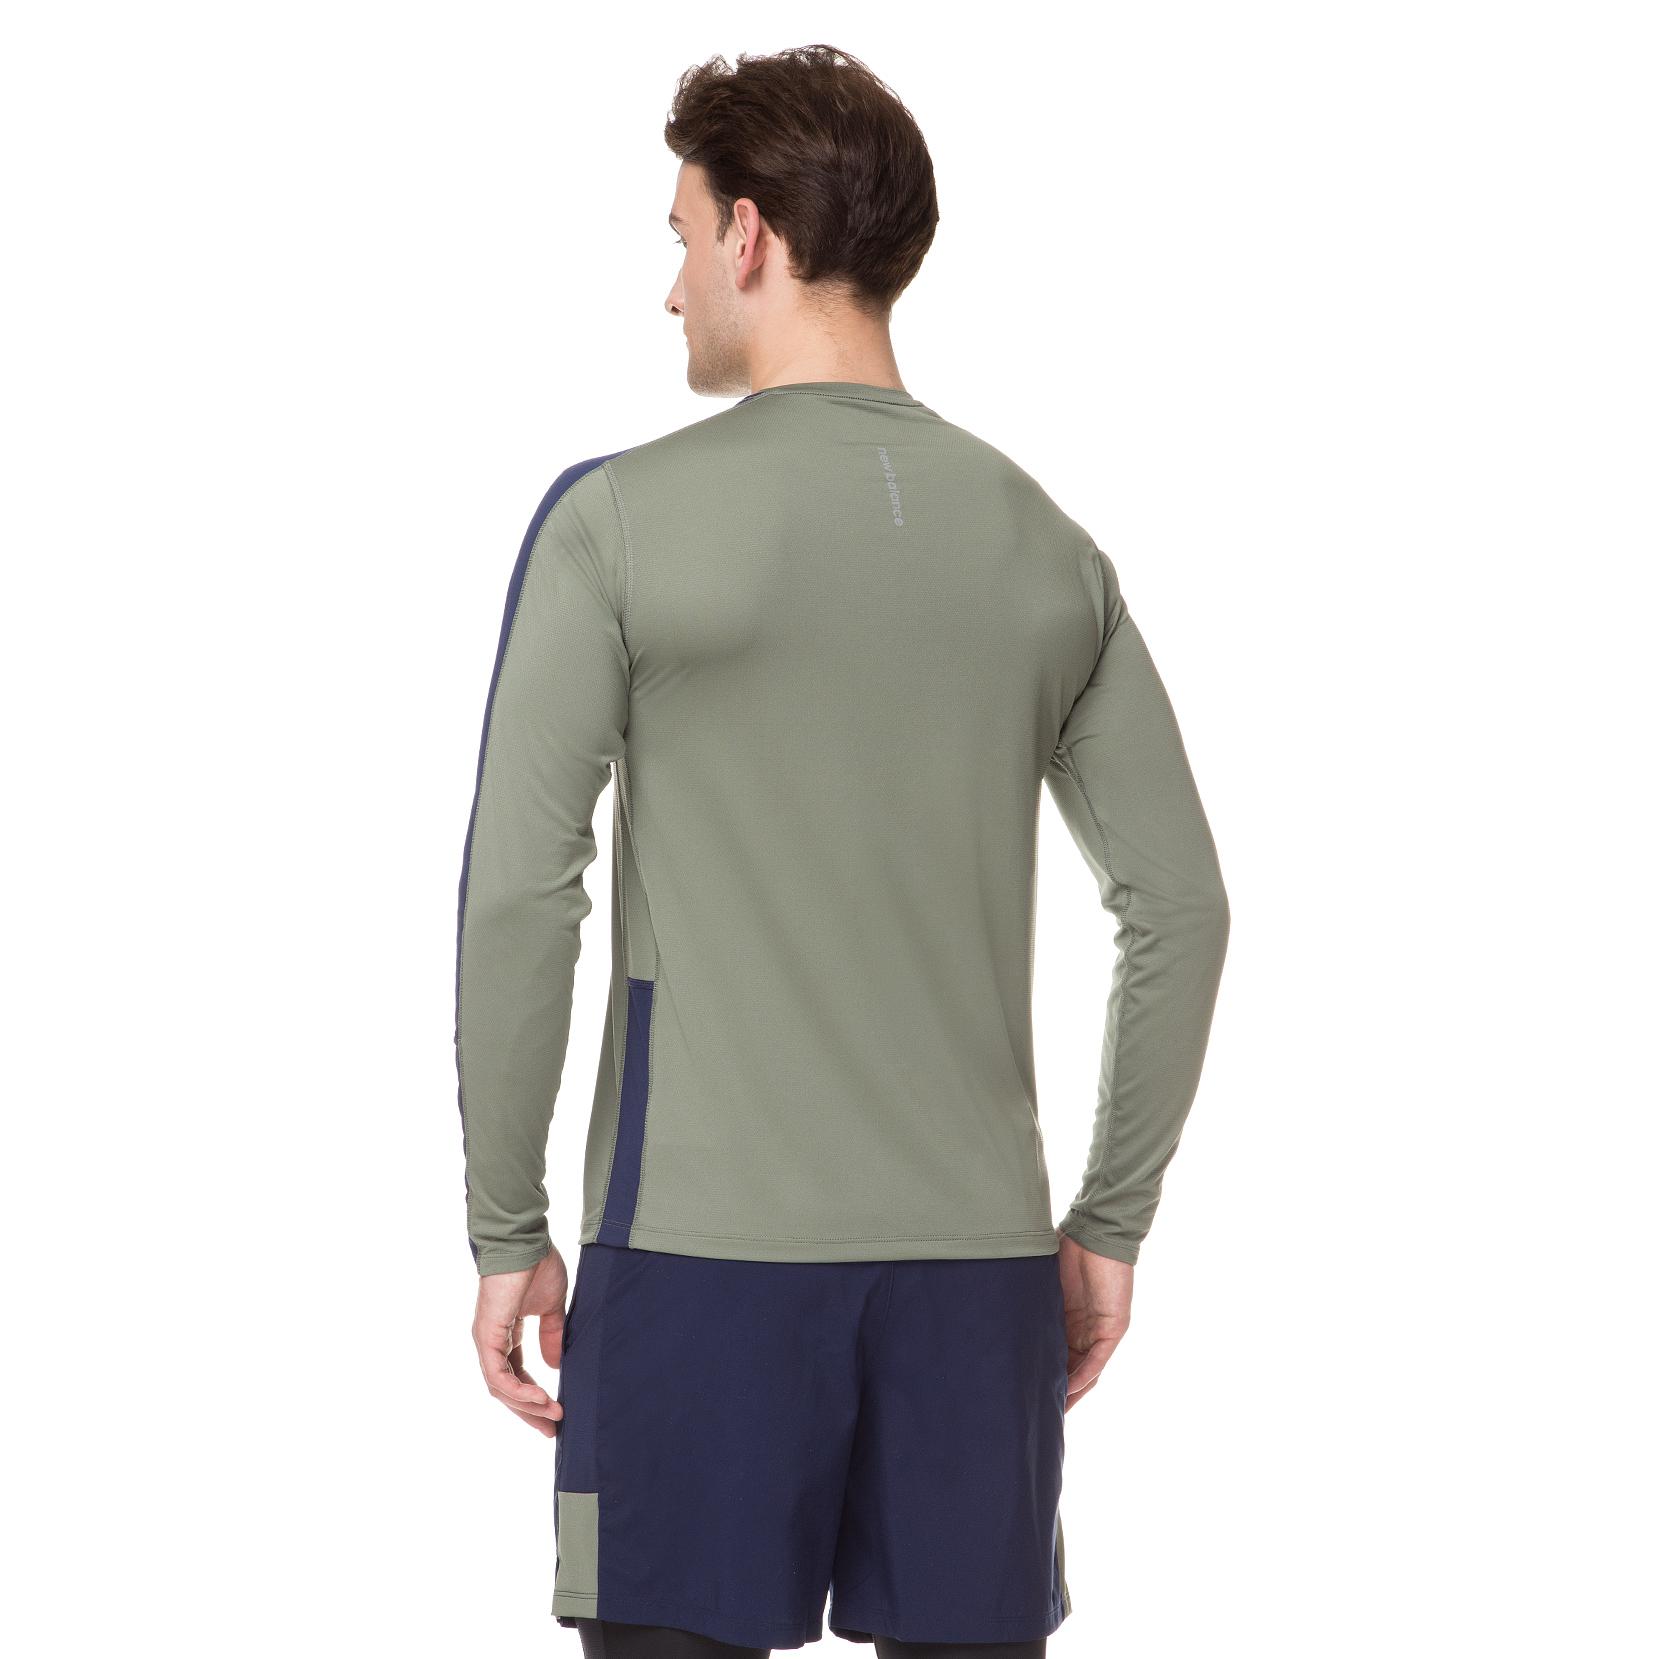 Футболка з довгим рукавом NB Accelerate  для чоловіків MT73063MGN | New Balance